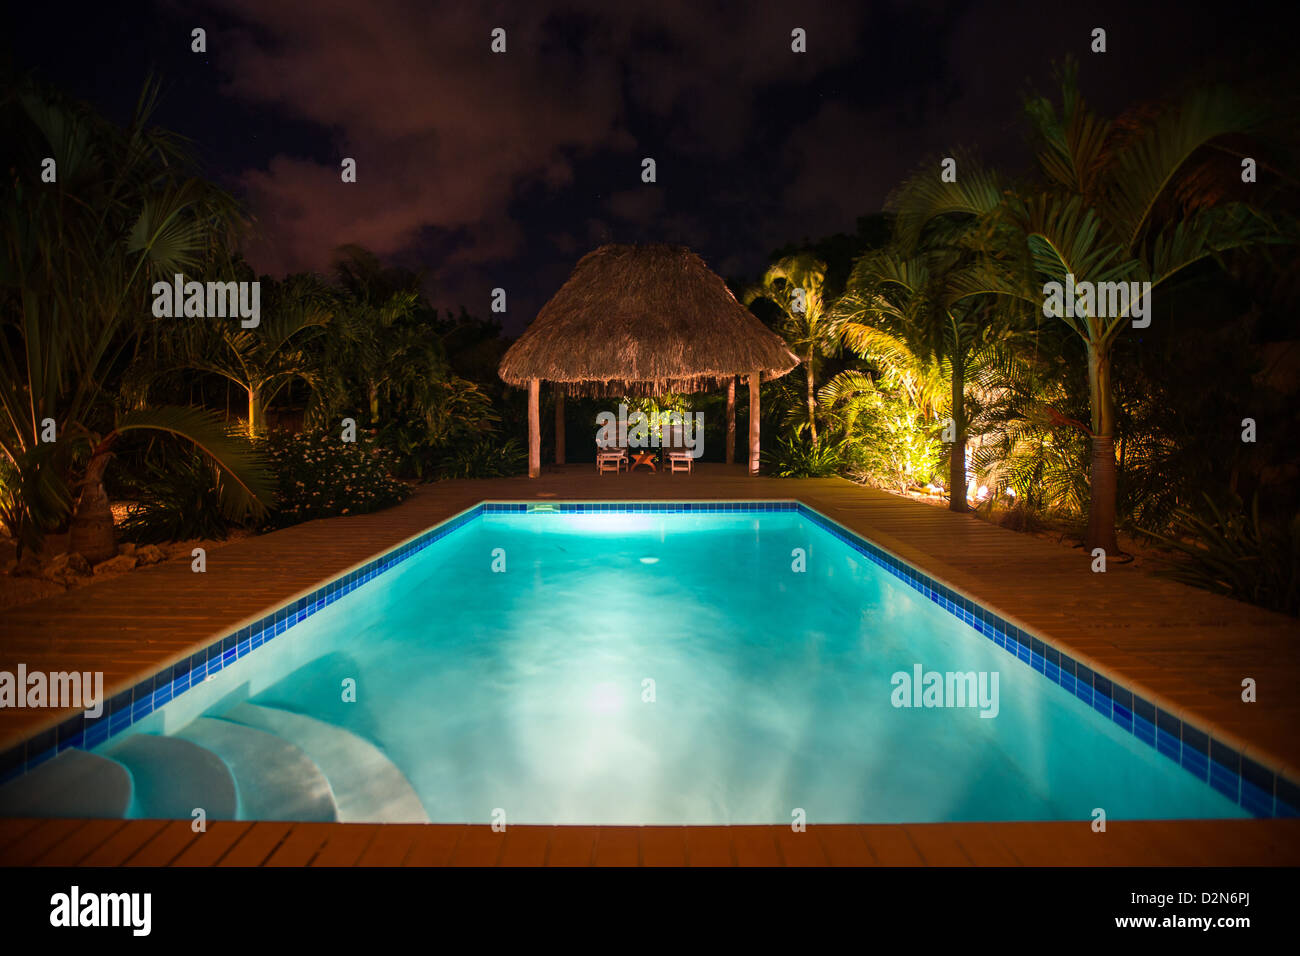 Location maison dans les Caraïbes Banque D'Images